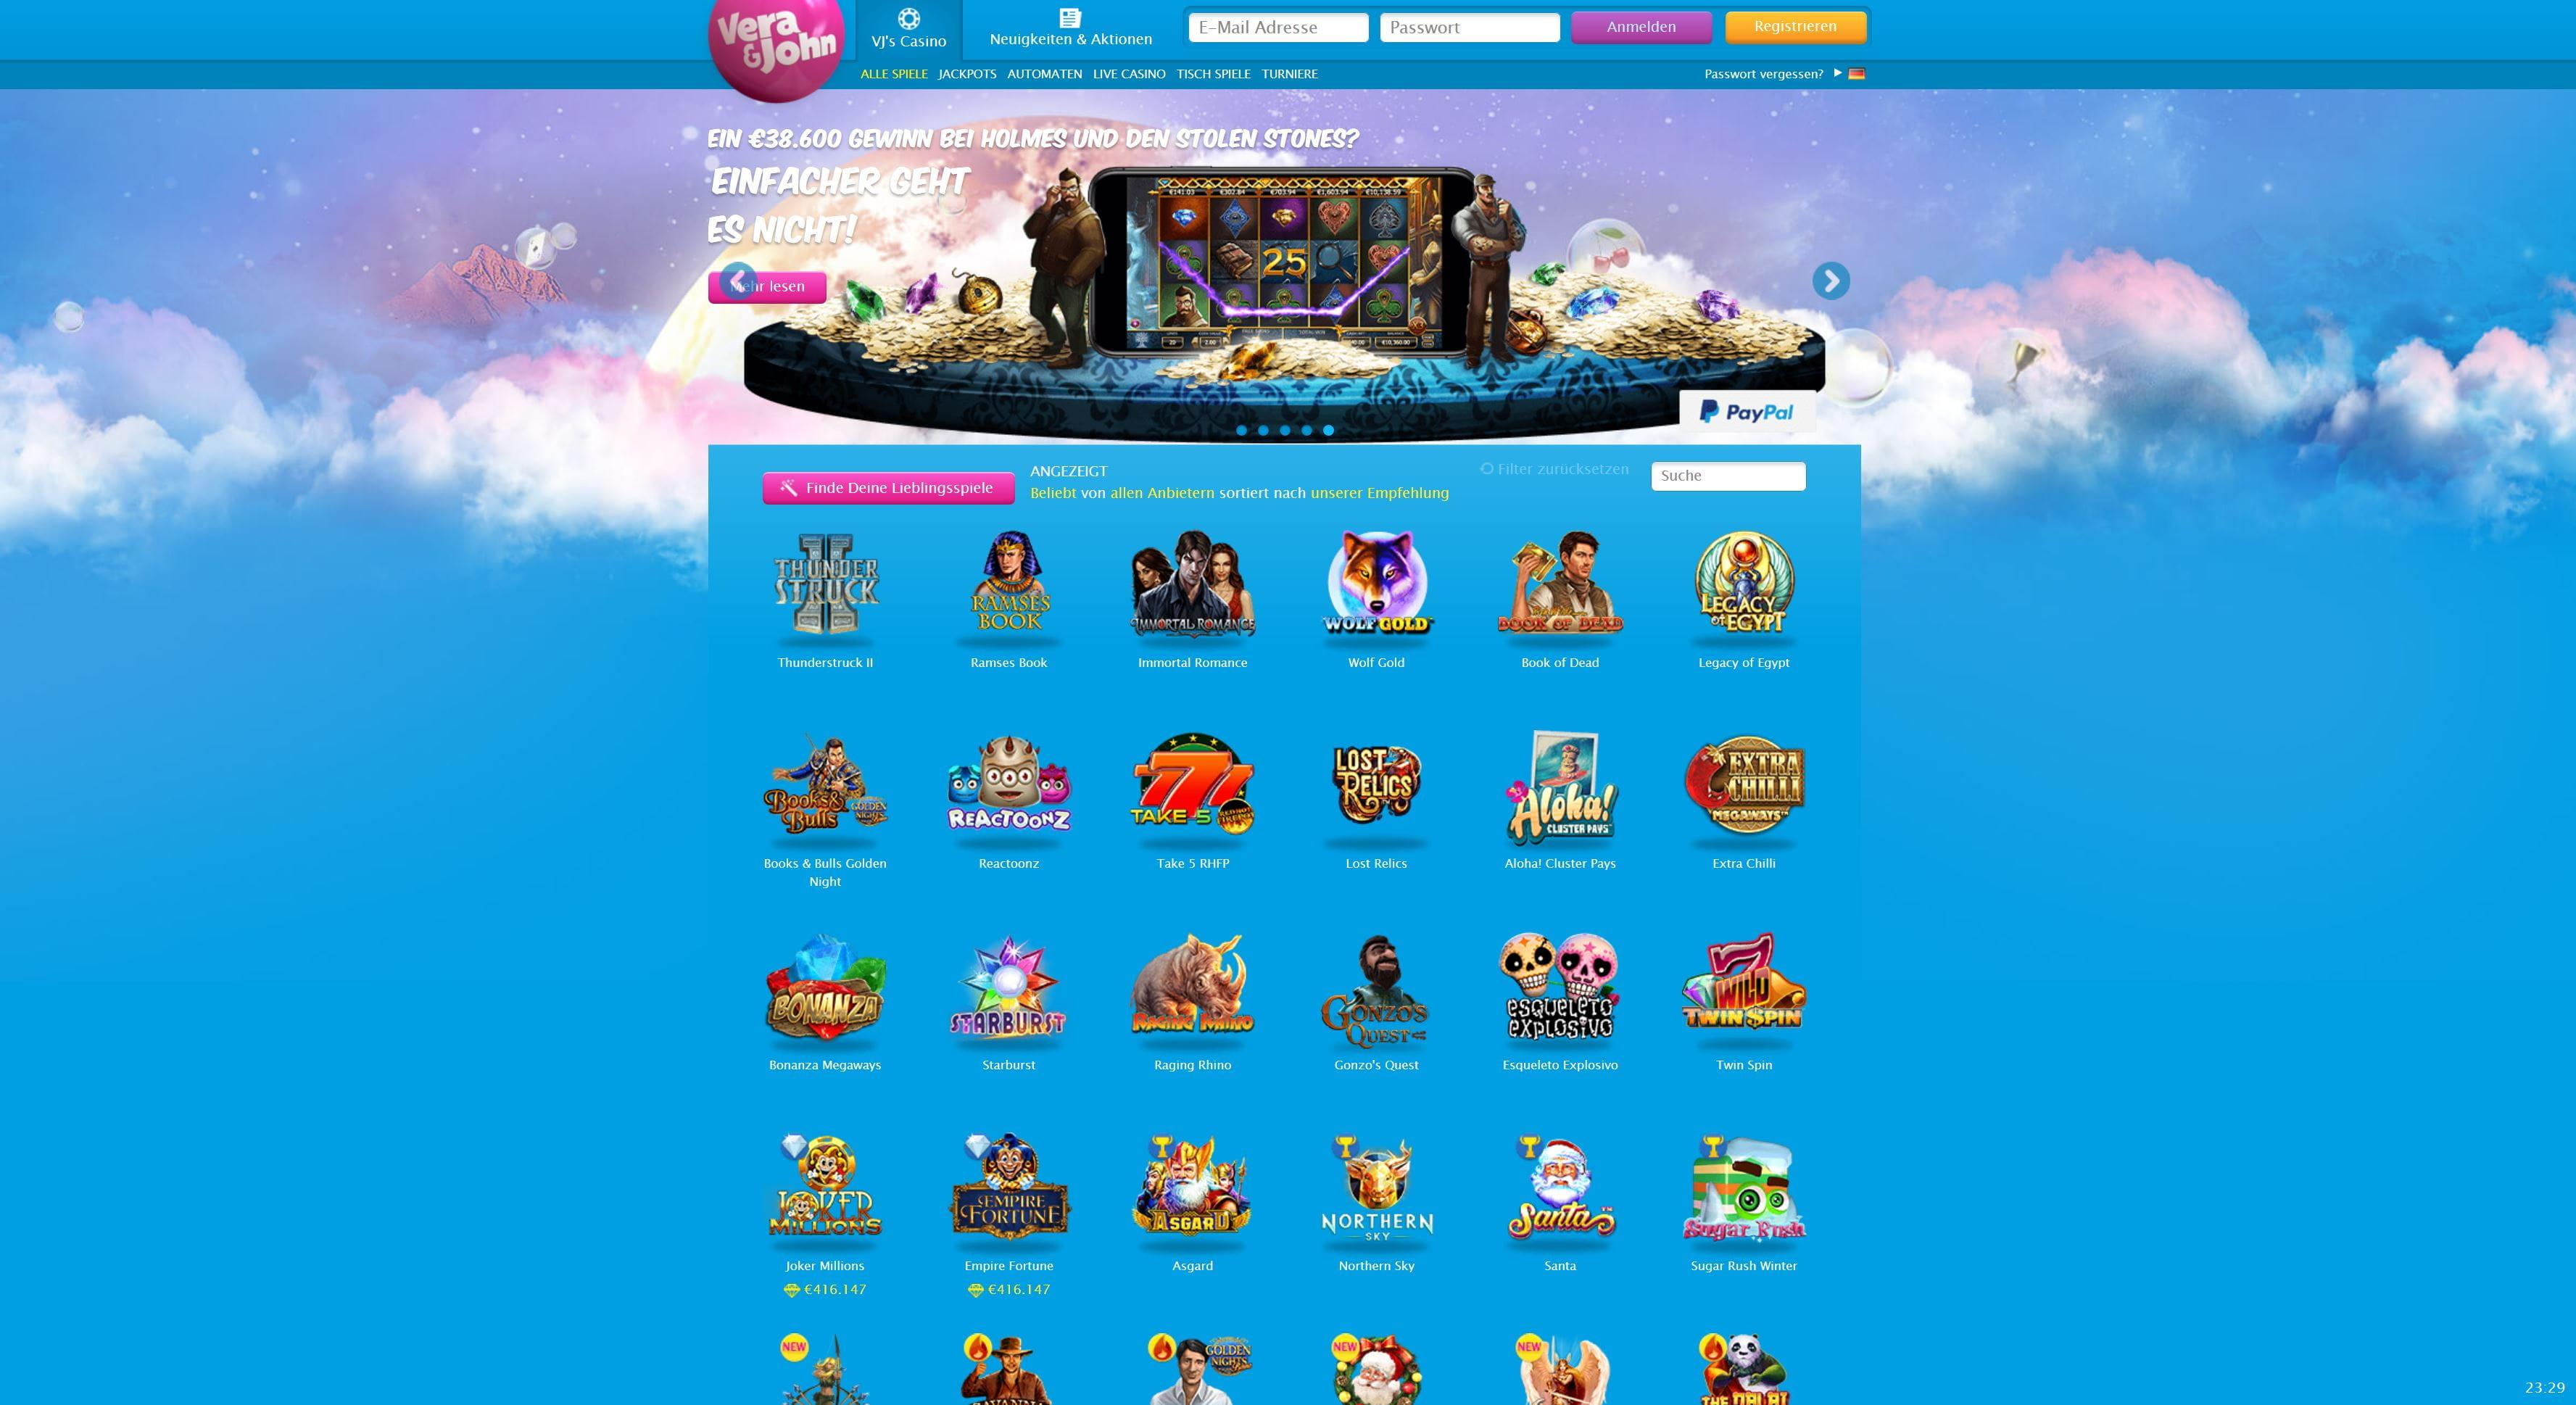 Casino Registrieren Vera 890110